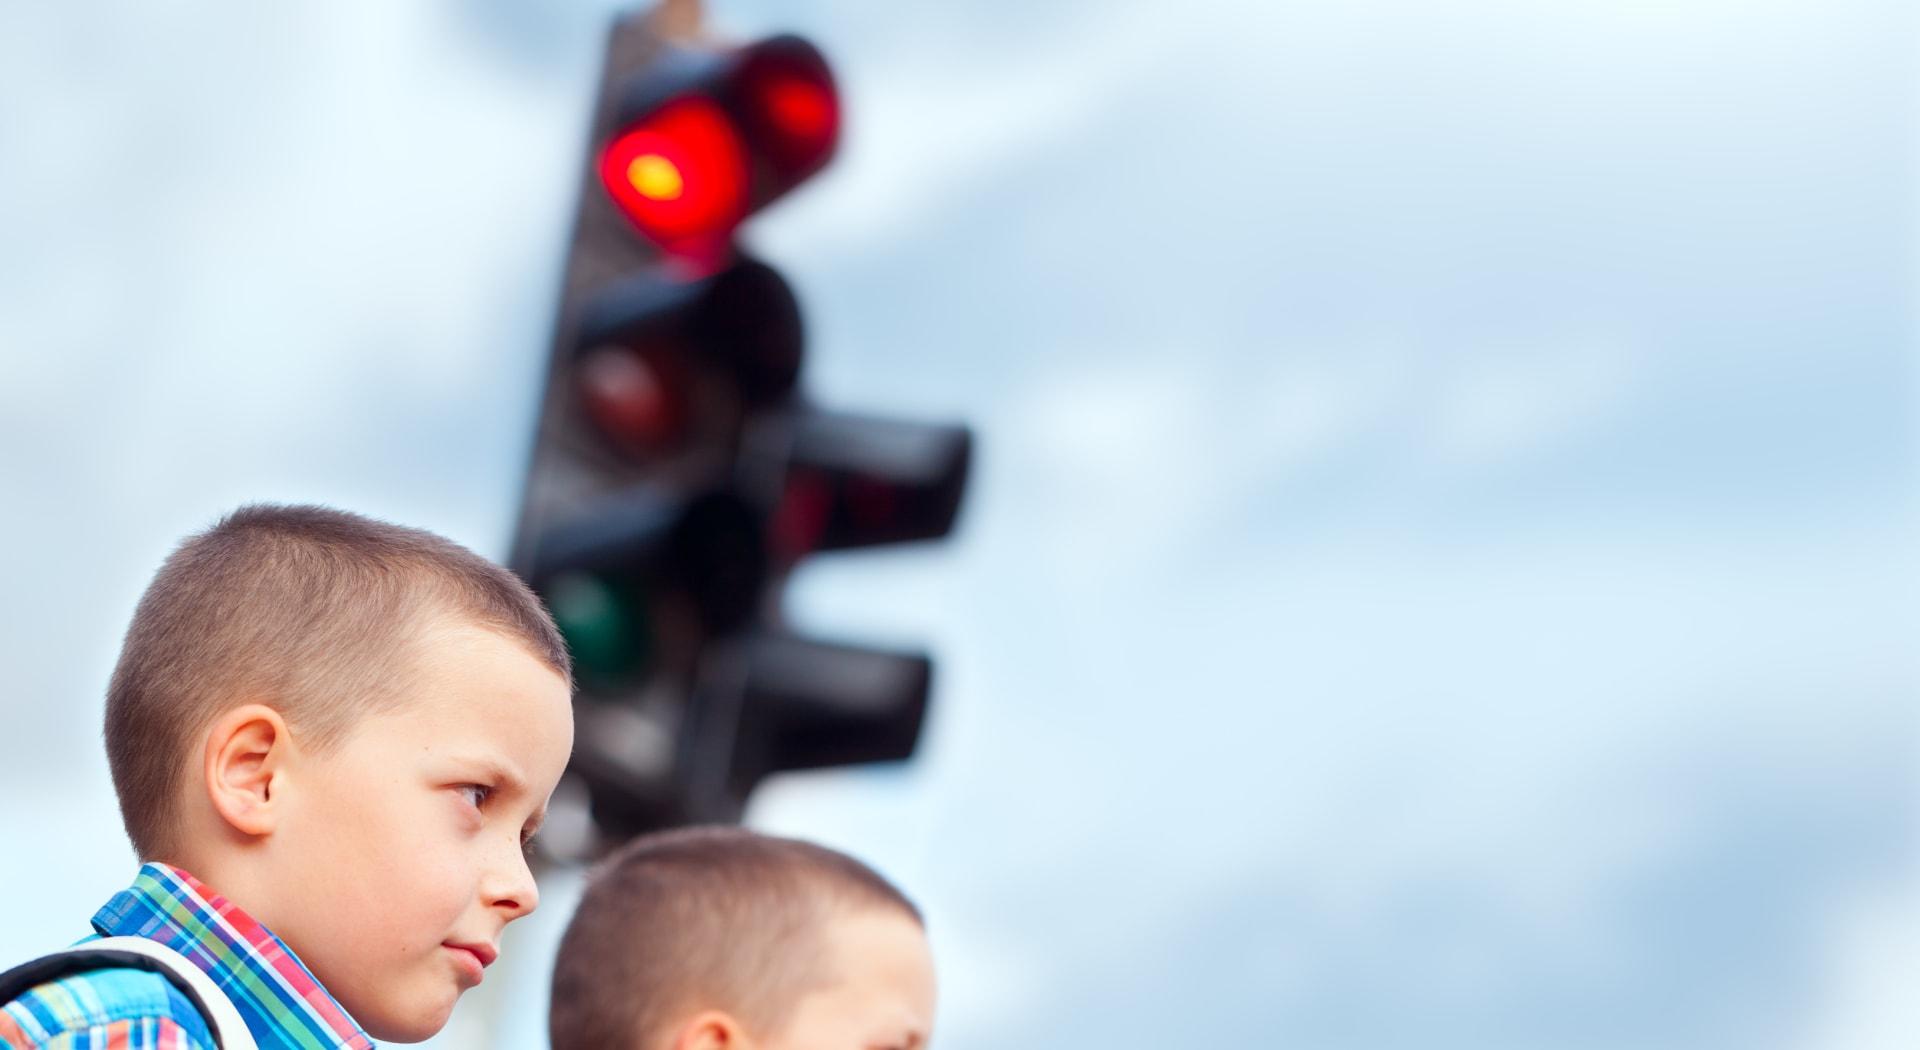 Trygg Trafikk sier nei til skolepatruljer, og mener barn må slippe å ha ansvar for å hindre trafikkulykker.